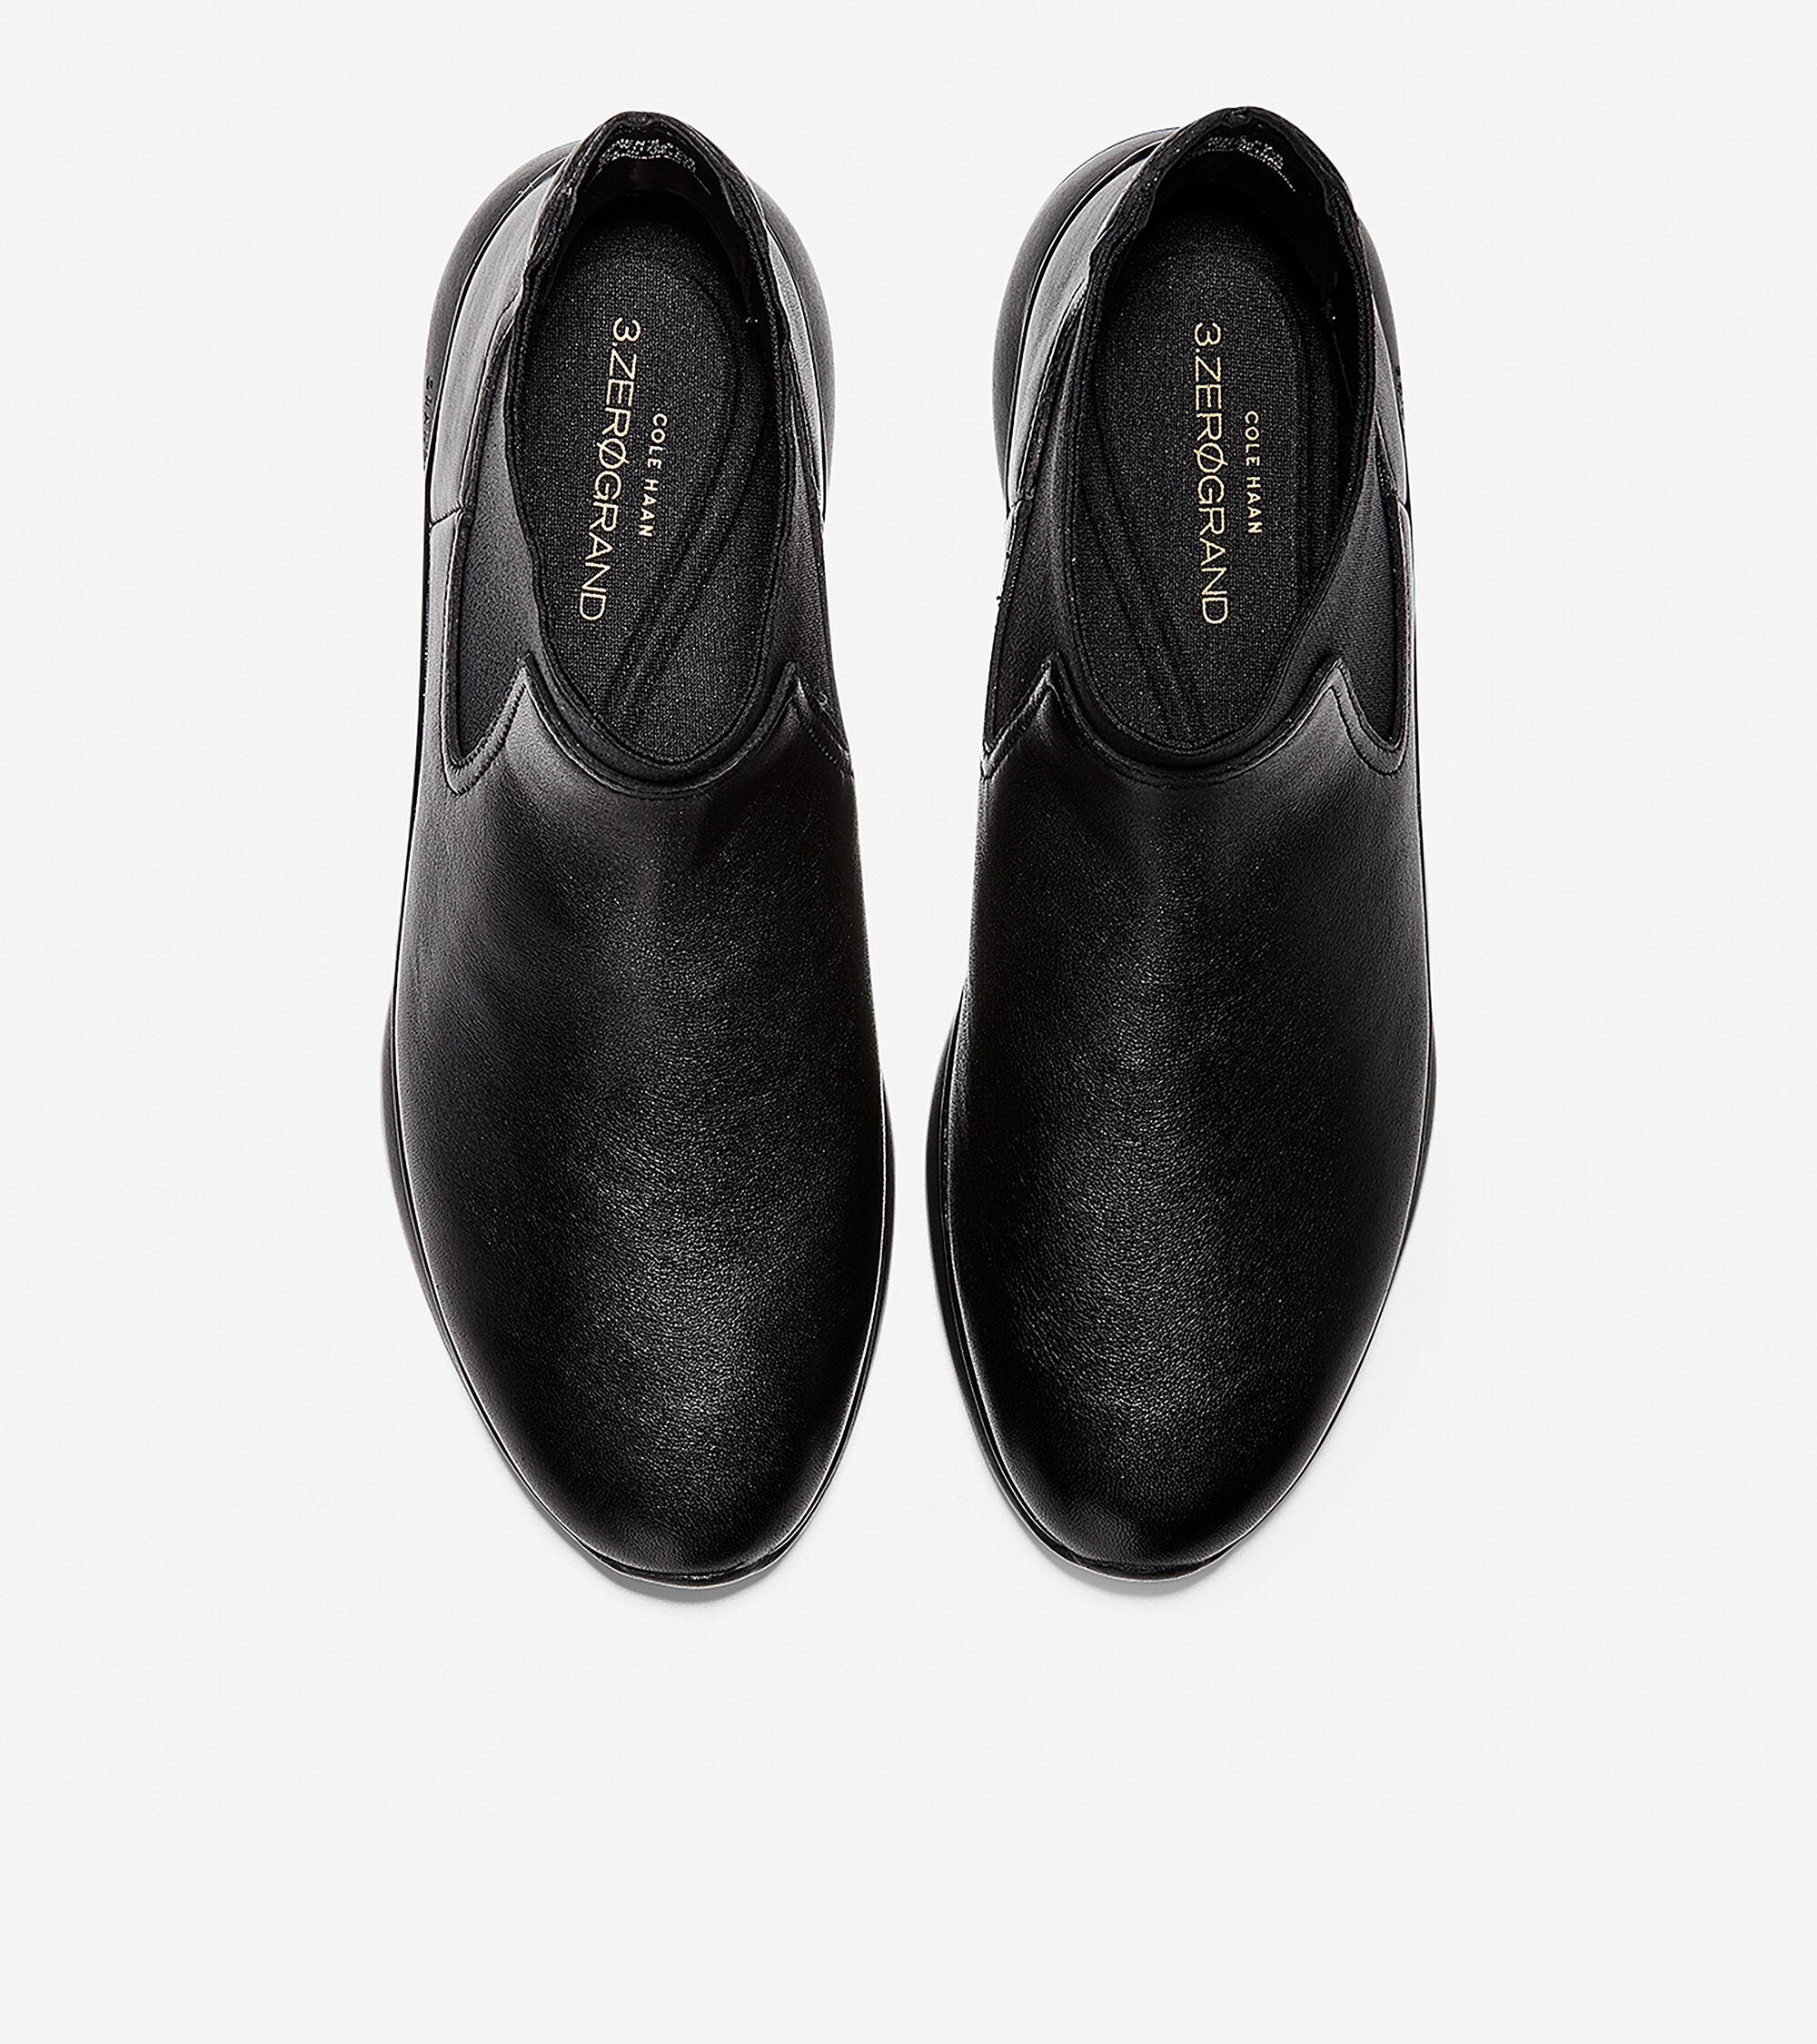 721e41cc537 Women s 3.ZEROGRAND Waterproof Chelsea Boots in Black